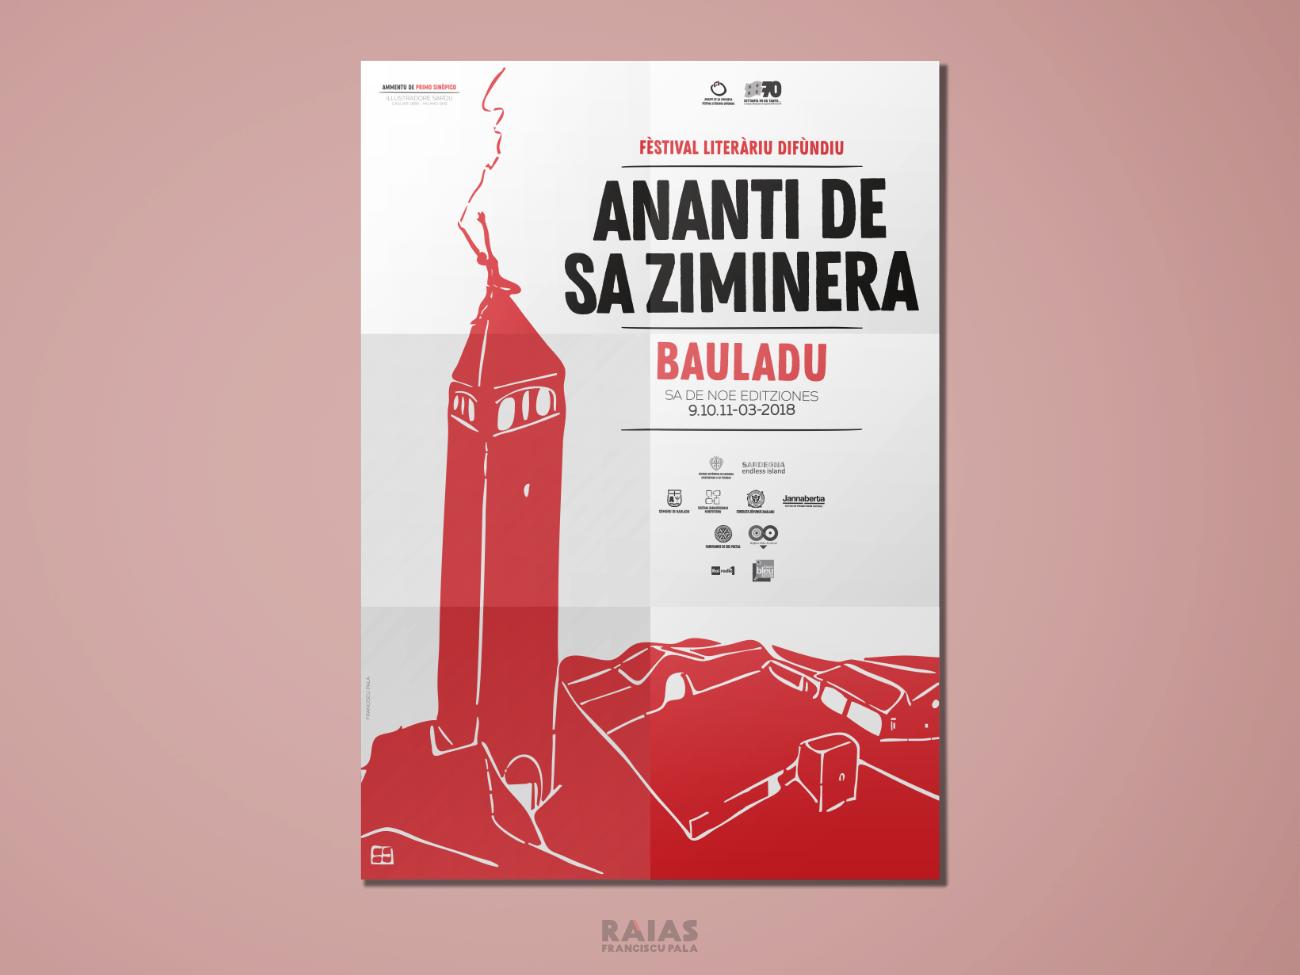 raias-franciscu-pala-ananti-ziminera-2018-manifesto